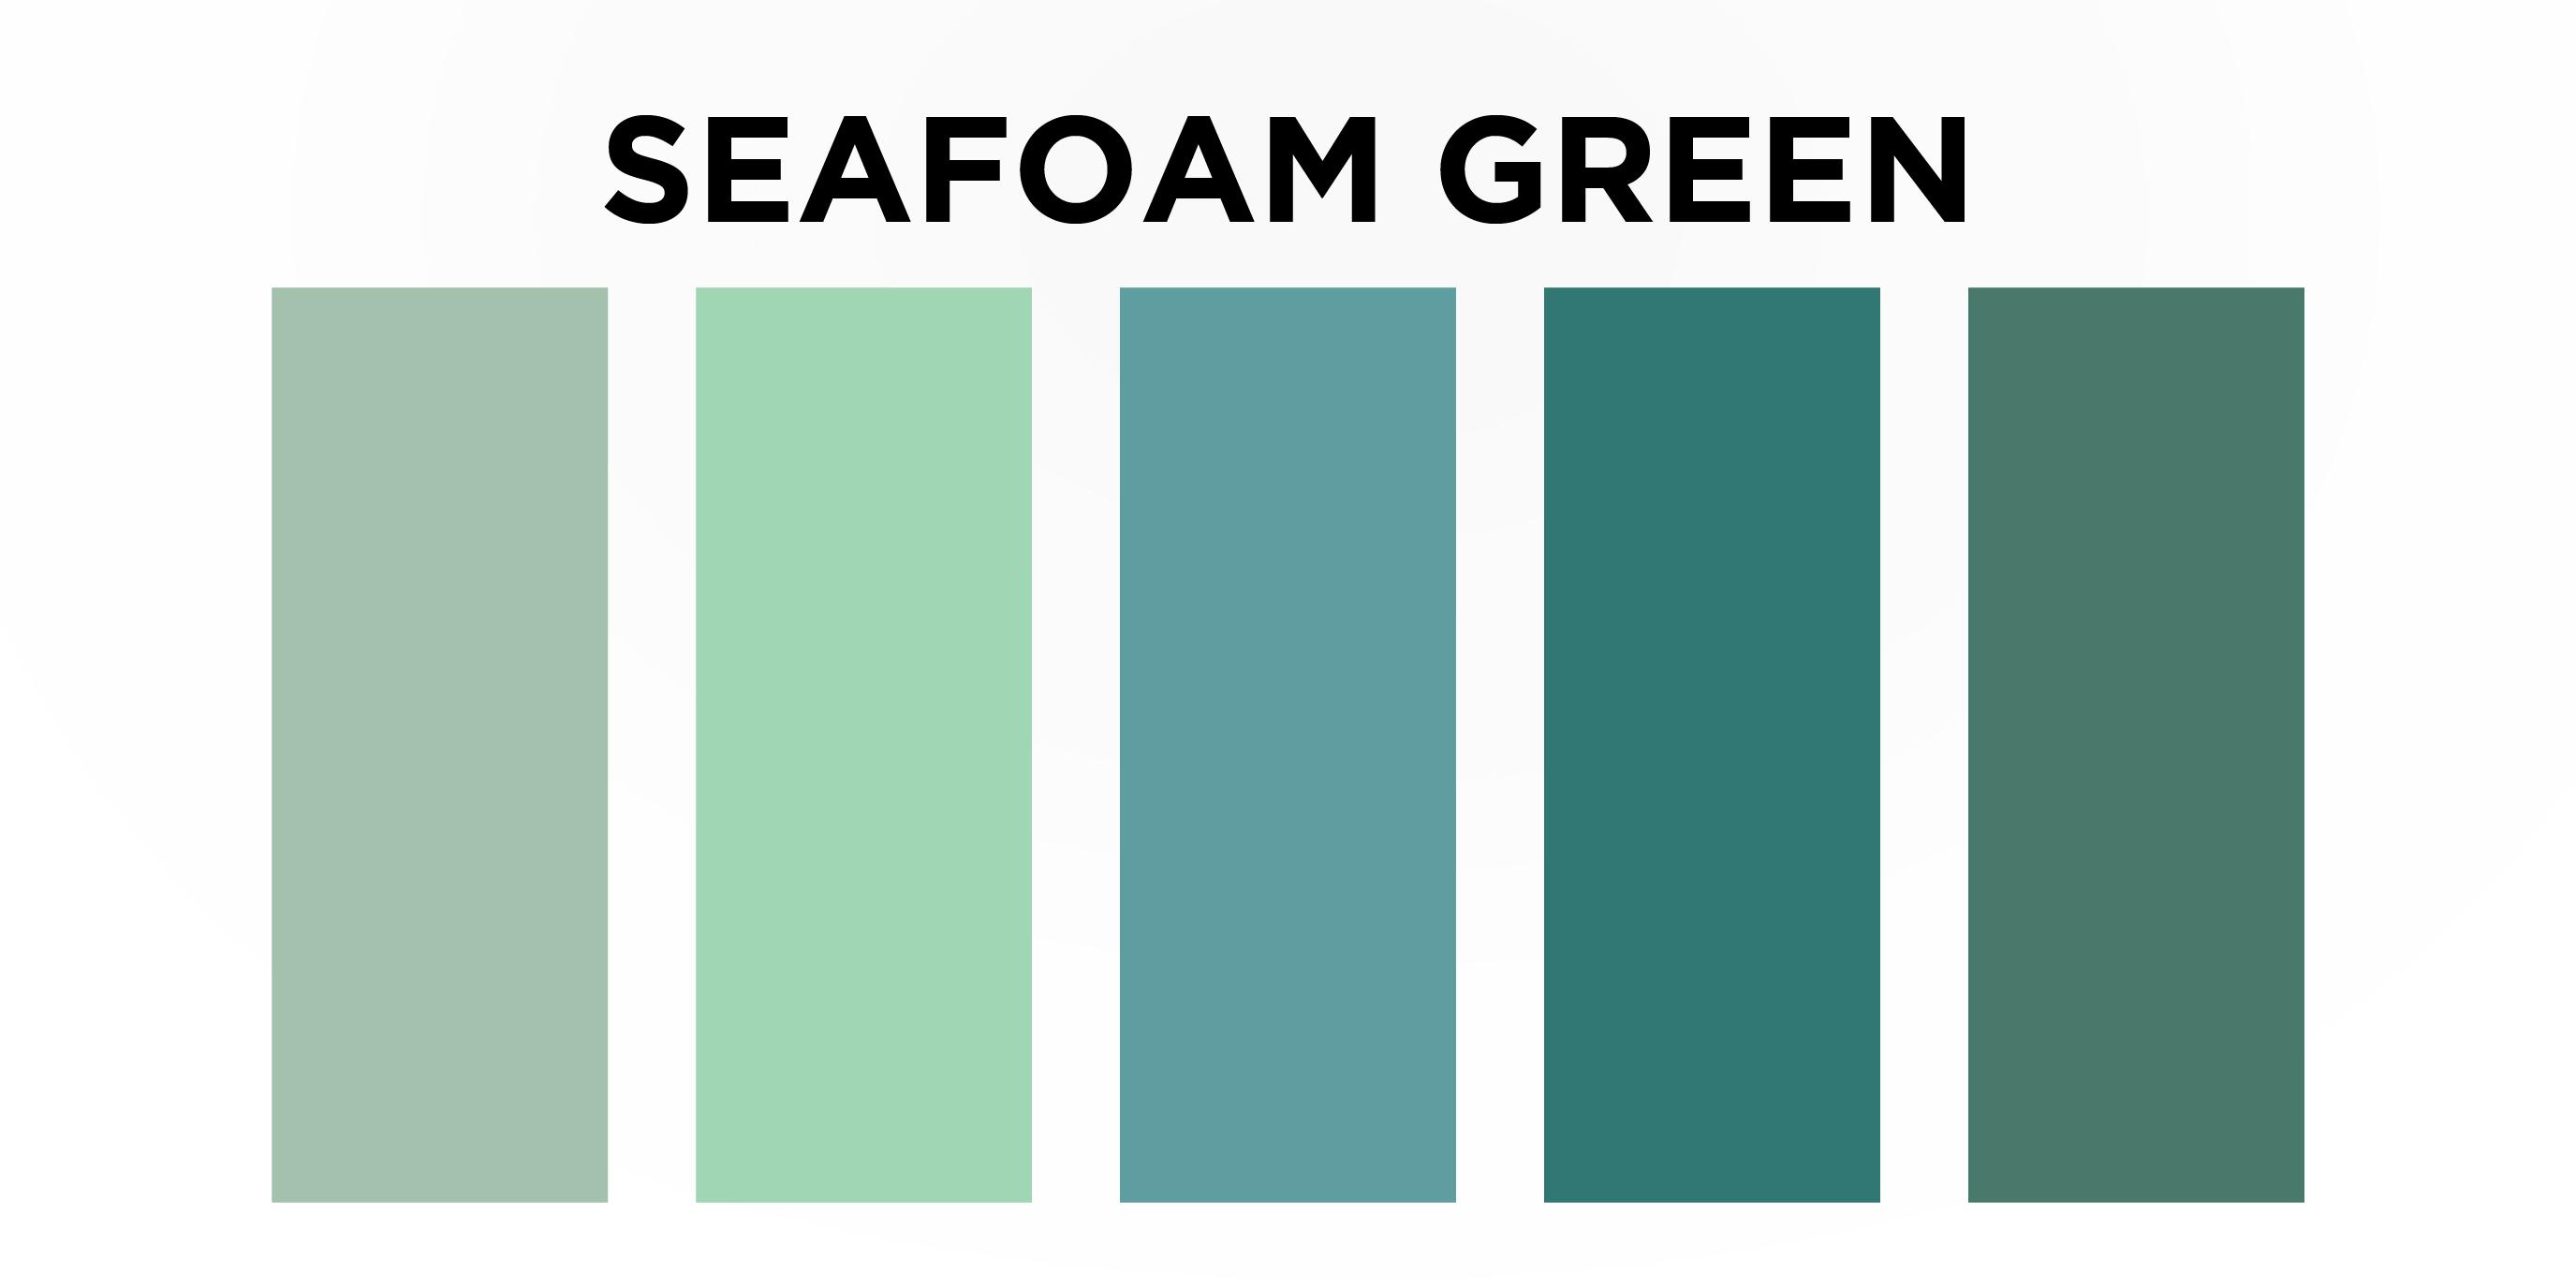 SEAFOAM GREEN 01